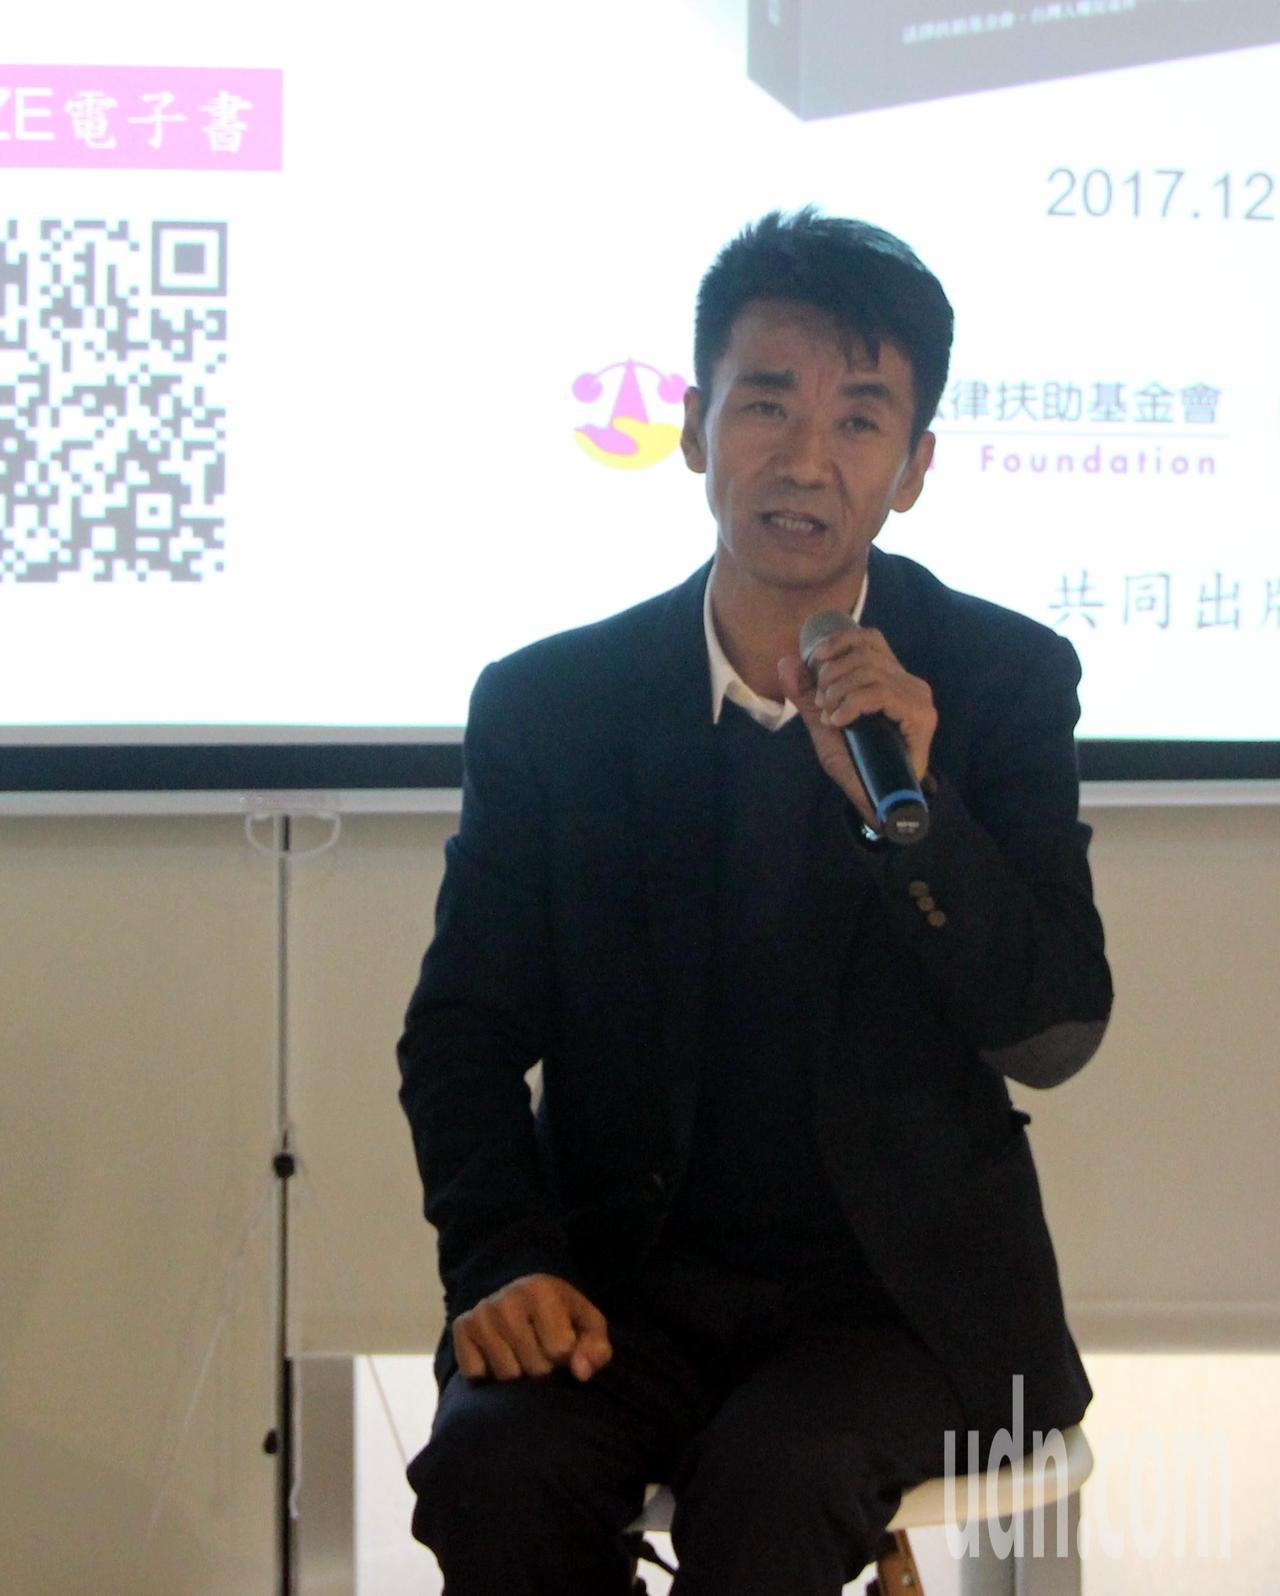 漂流國界尋求庇護 在台流亡藏人:台灣就是一個國家